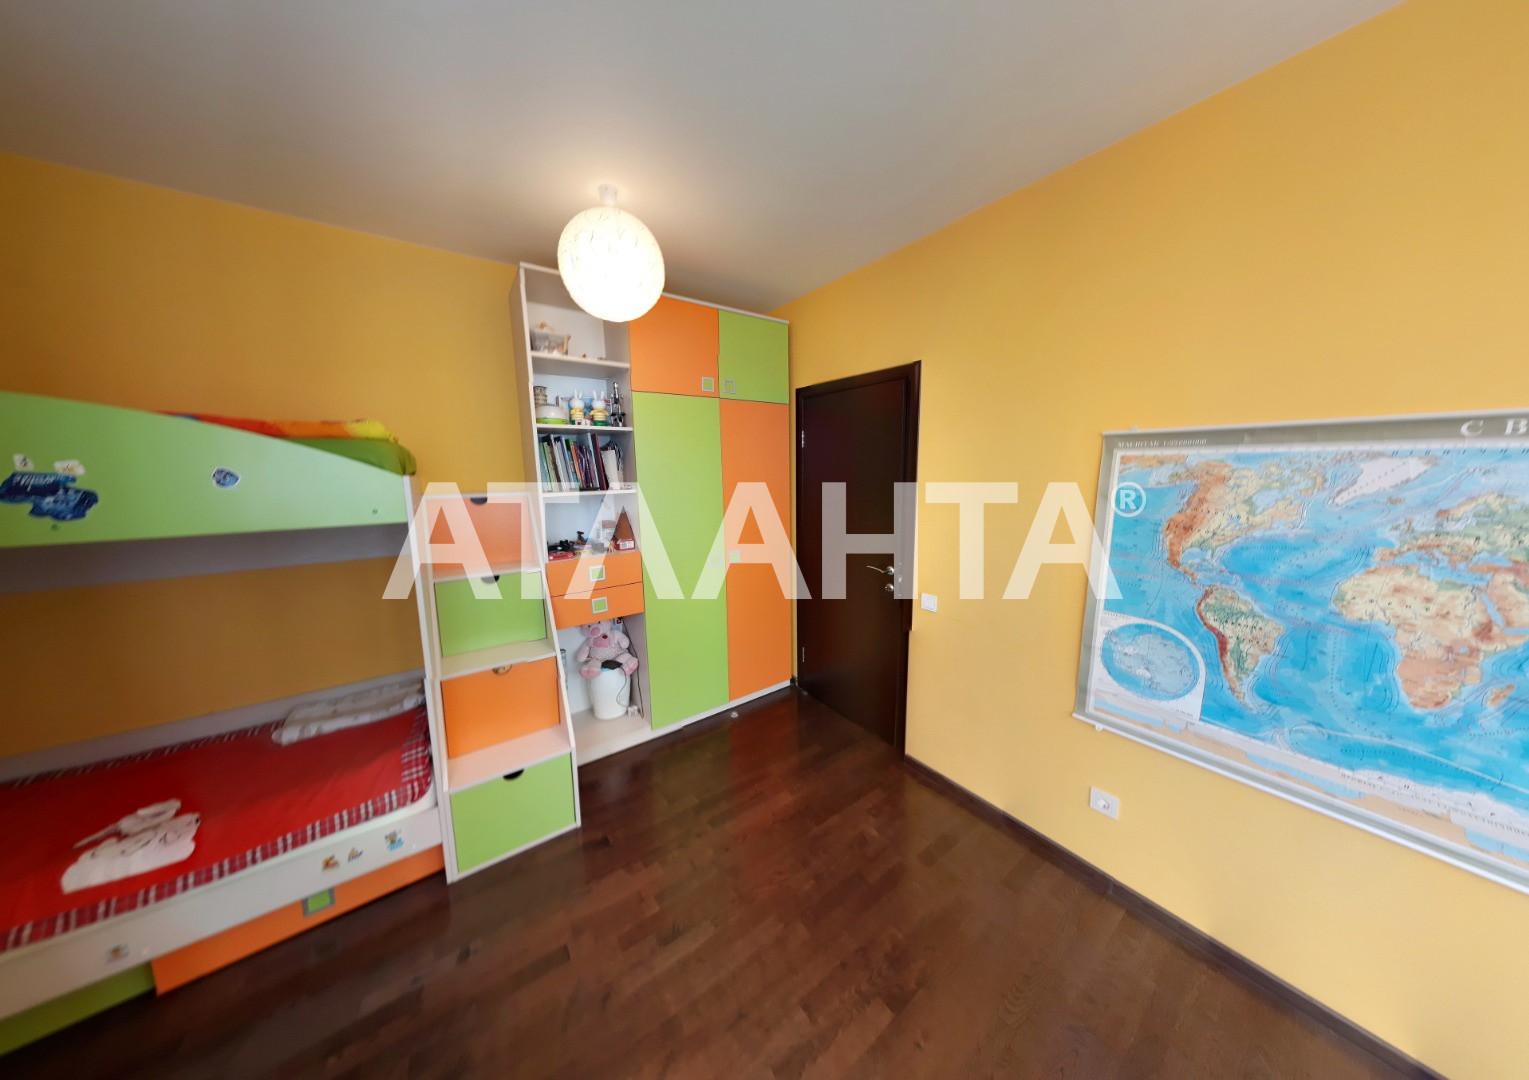 Продается 2-комнатная Квартира на ул. Ул. Вильямса — 94 000 у.е. (фото №12)